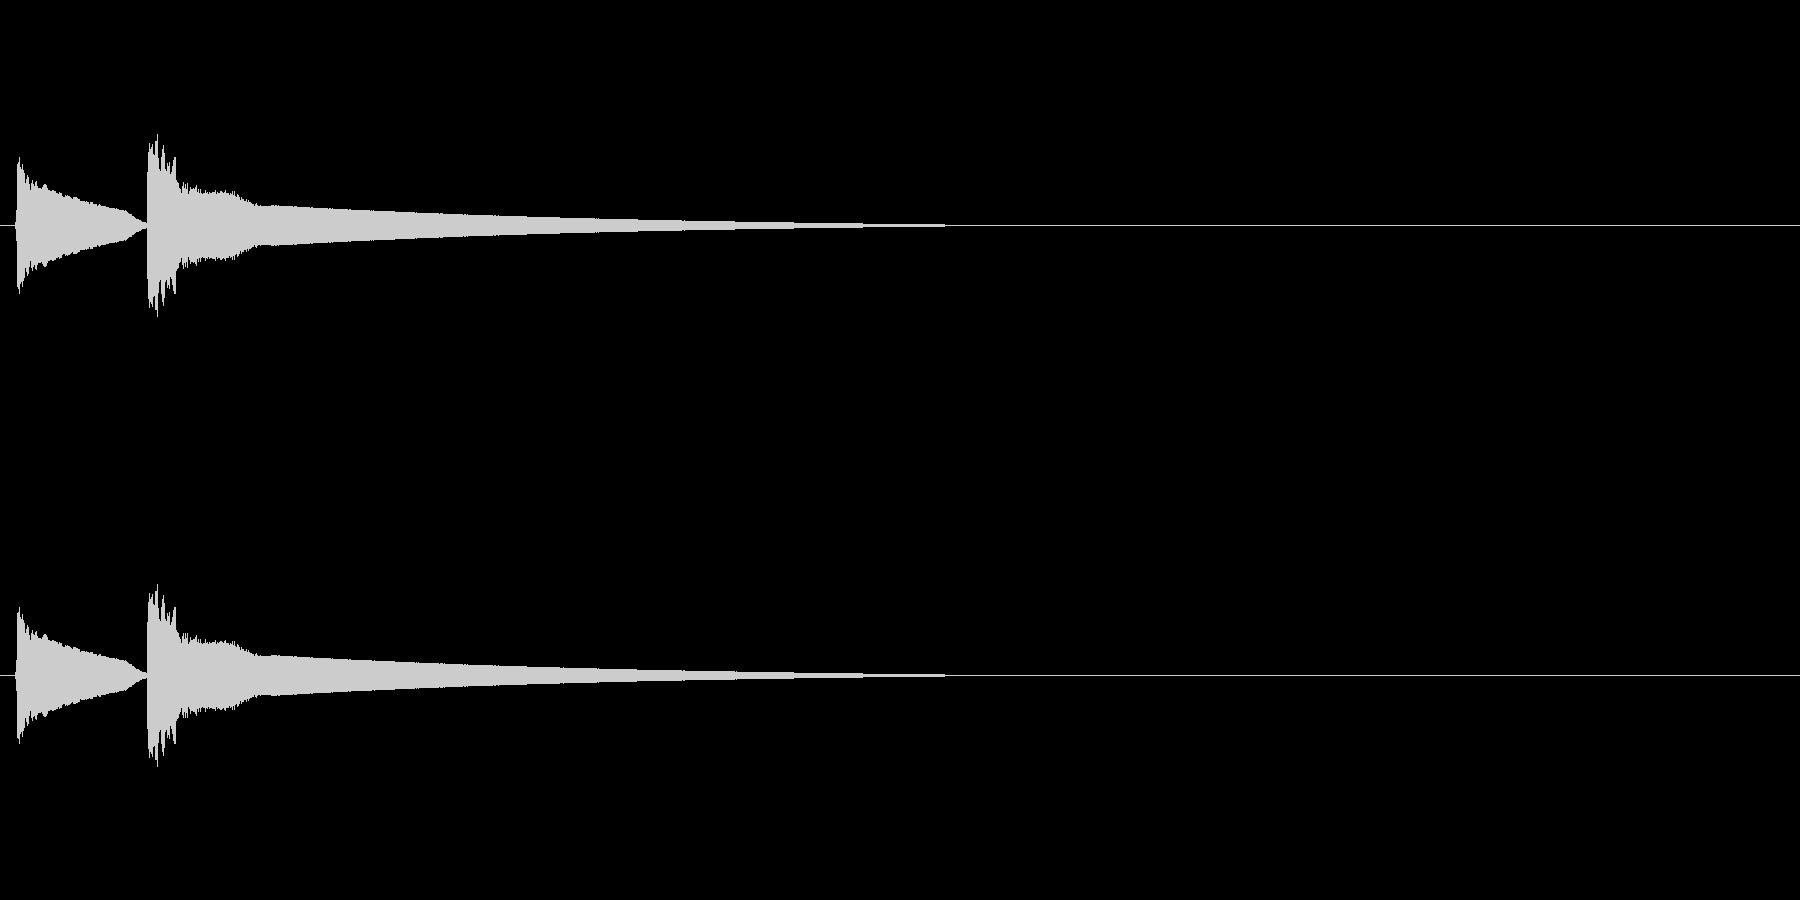 【ひらめき02-1】の未再生の波形